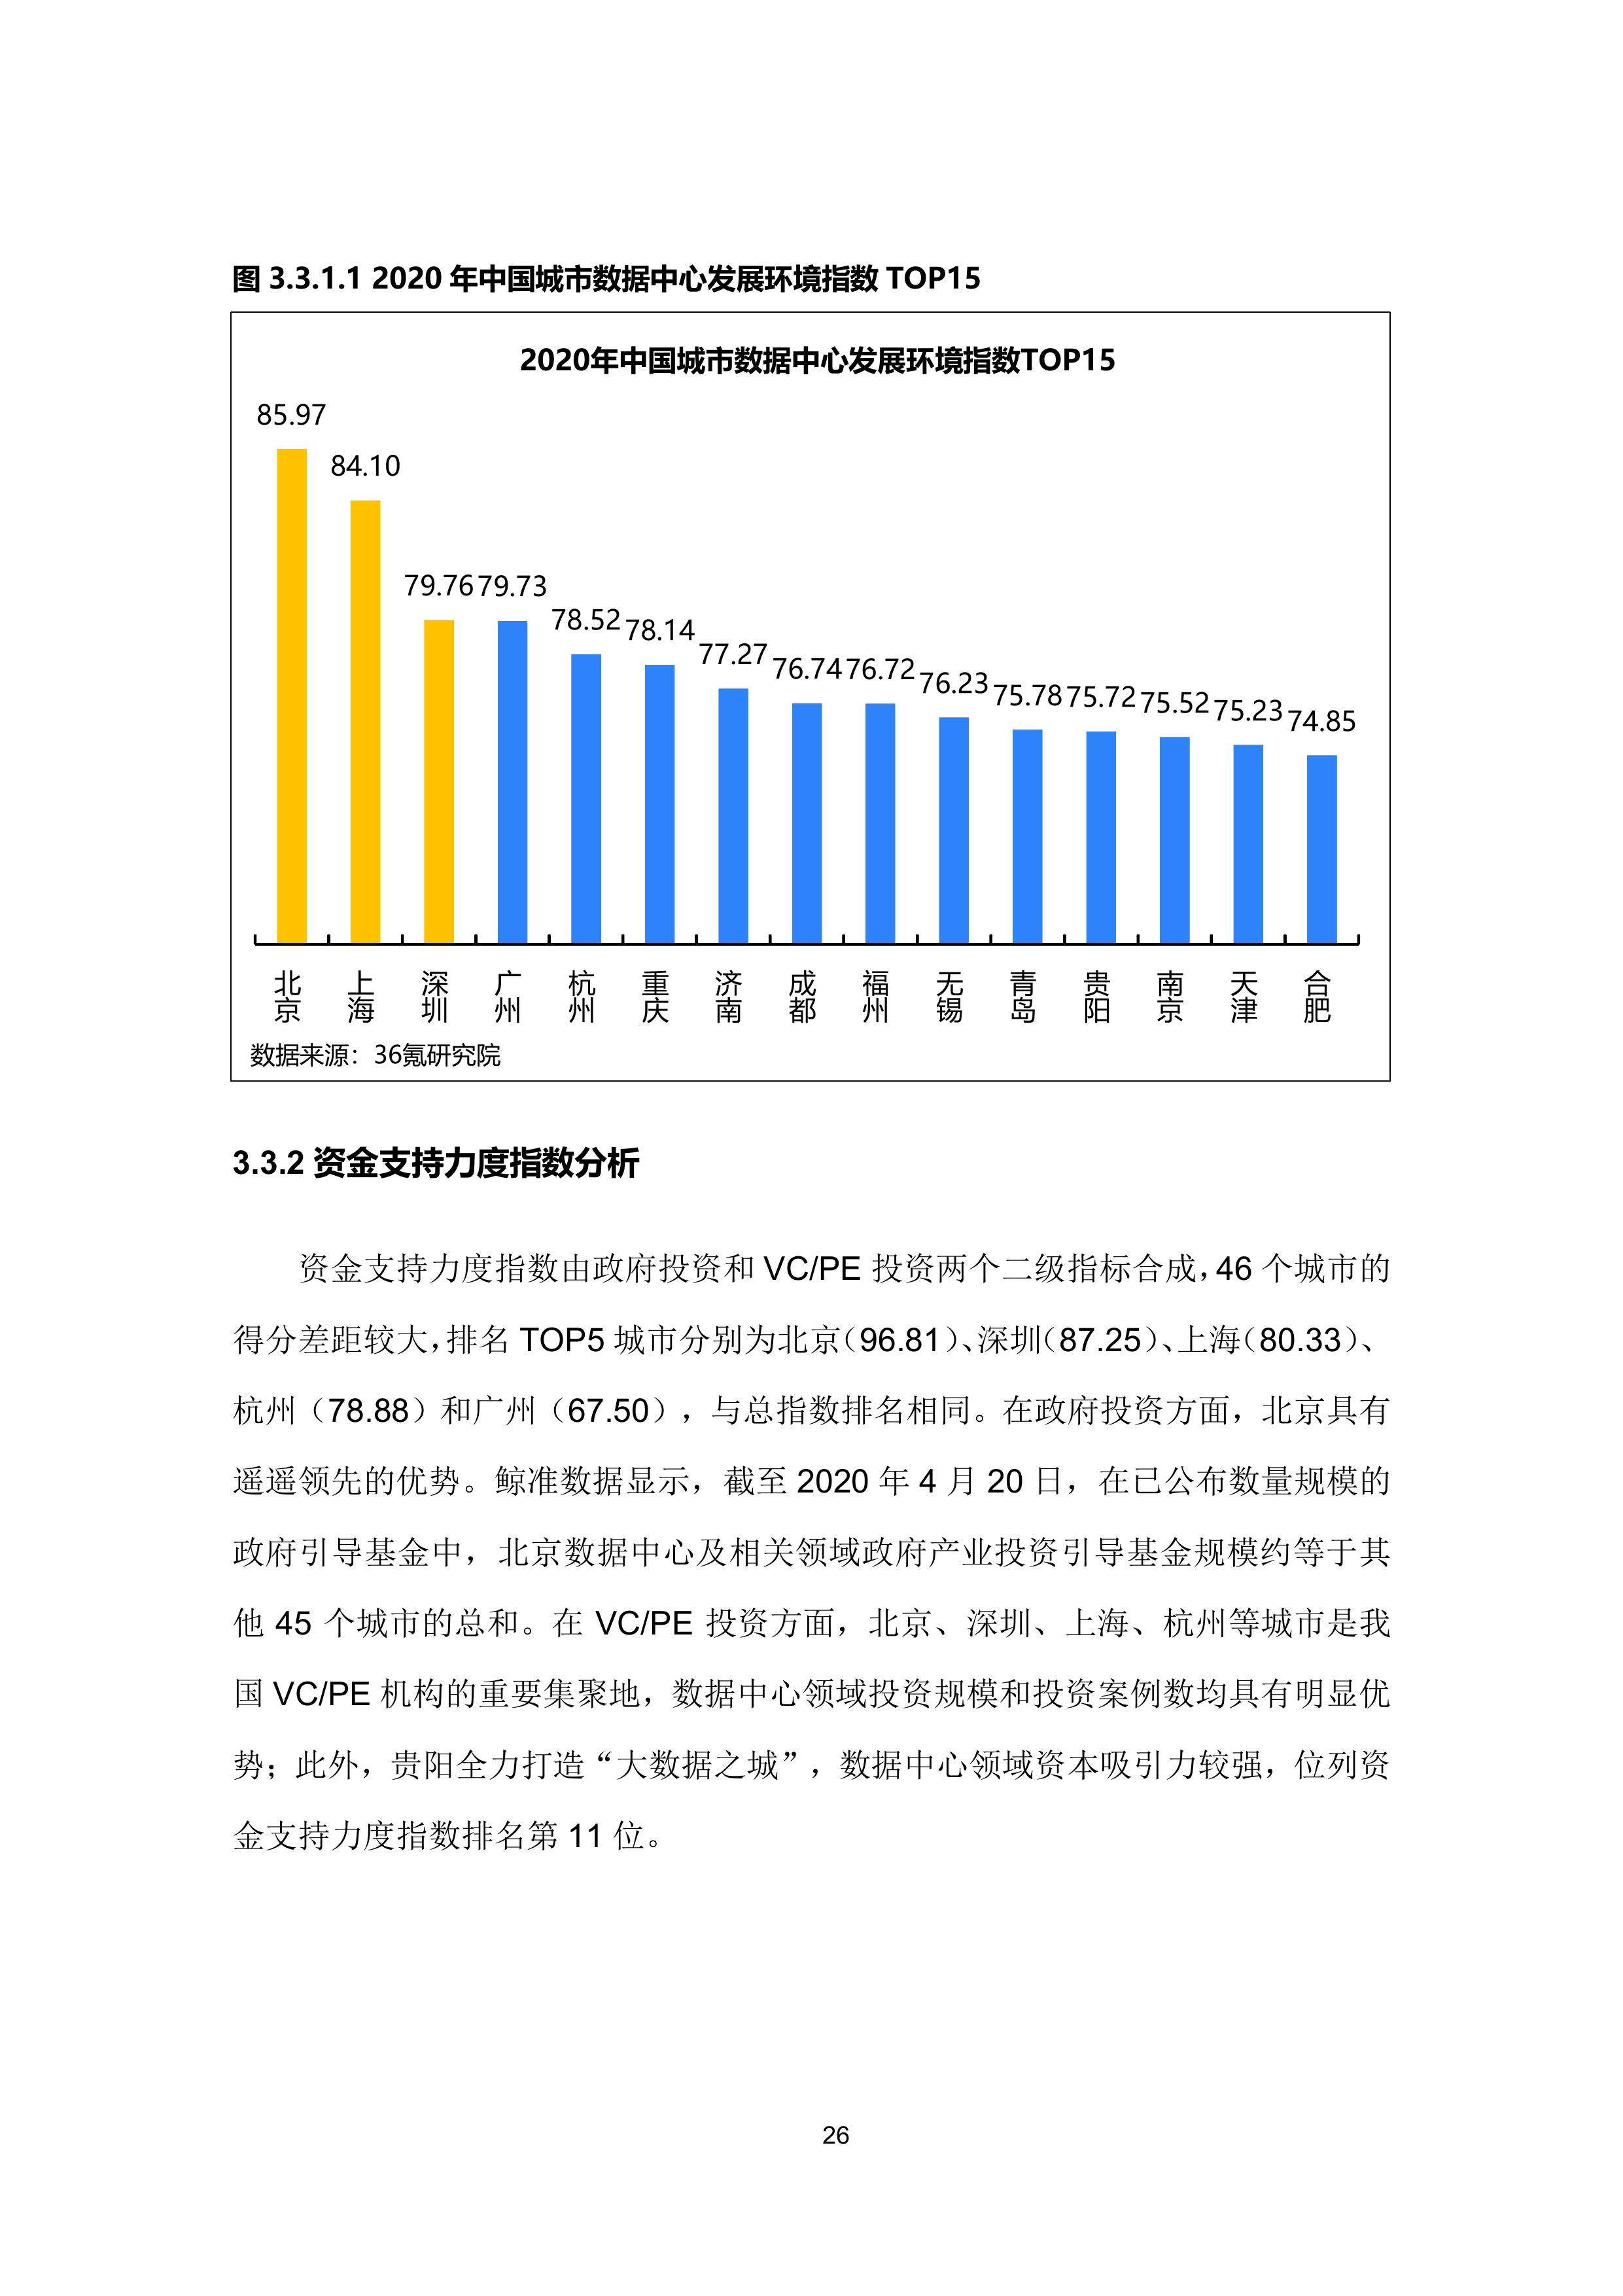 36氪研究院 - 新基建系列之:2020年中国城市数据中心发展指数报告-大菠萝官网(图37)